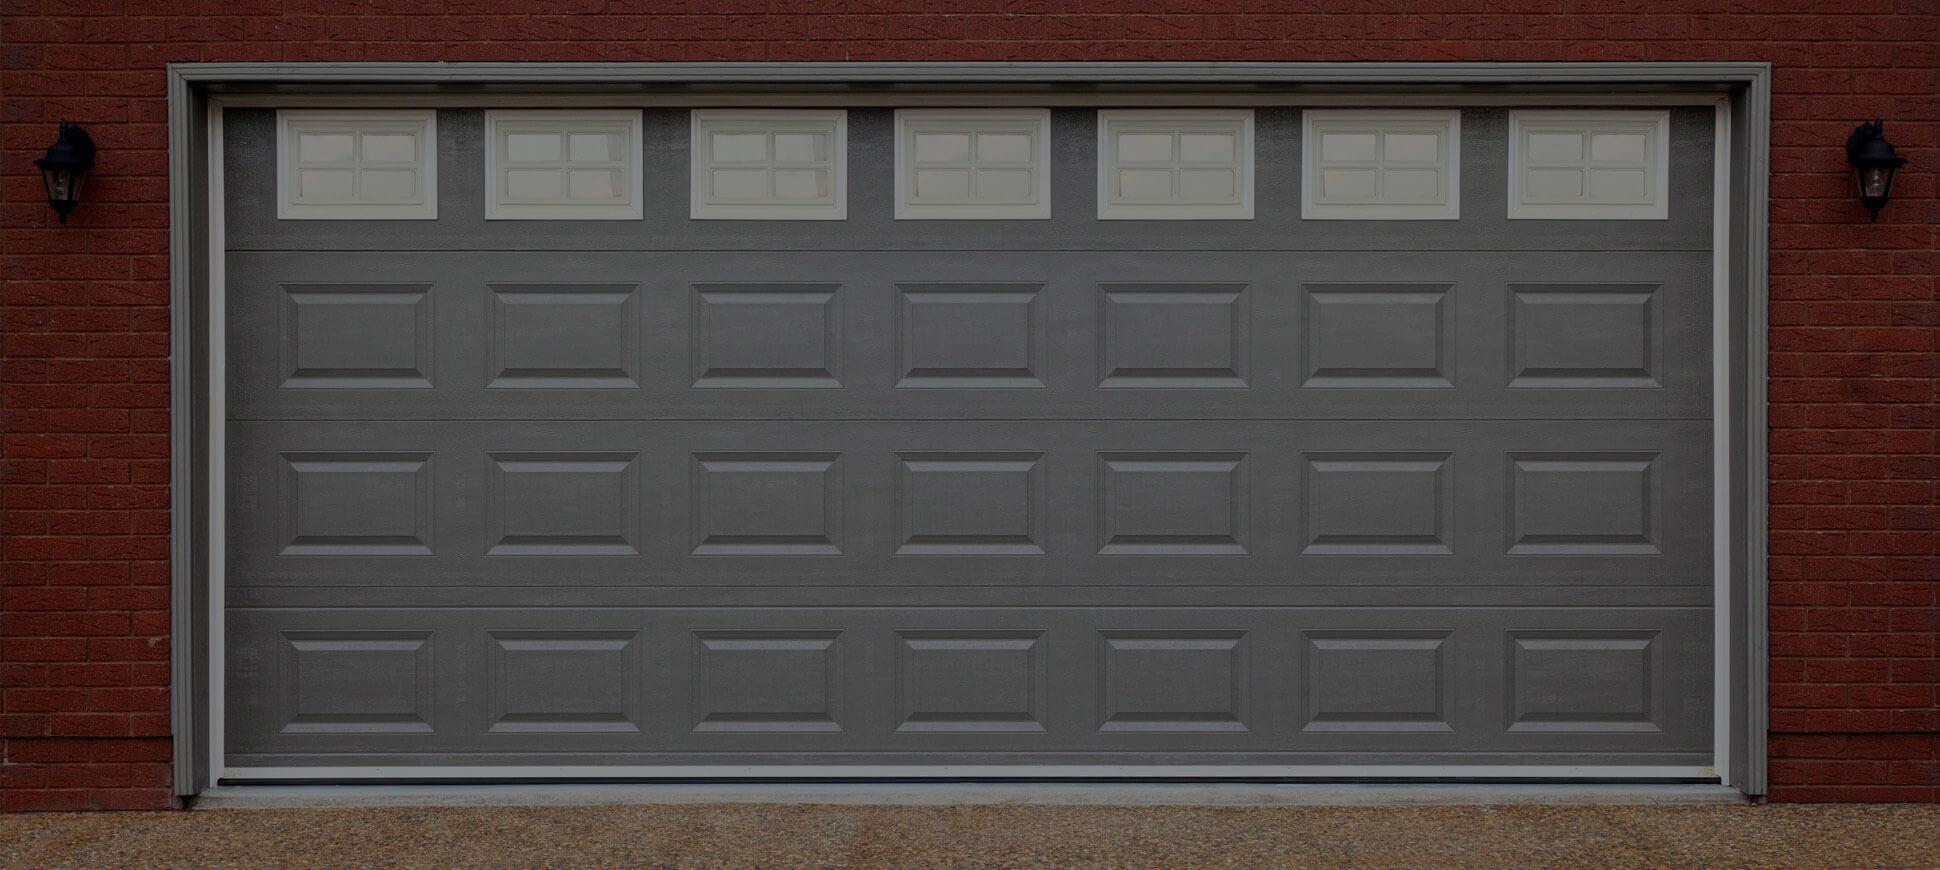 garage near doors me always service door open